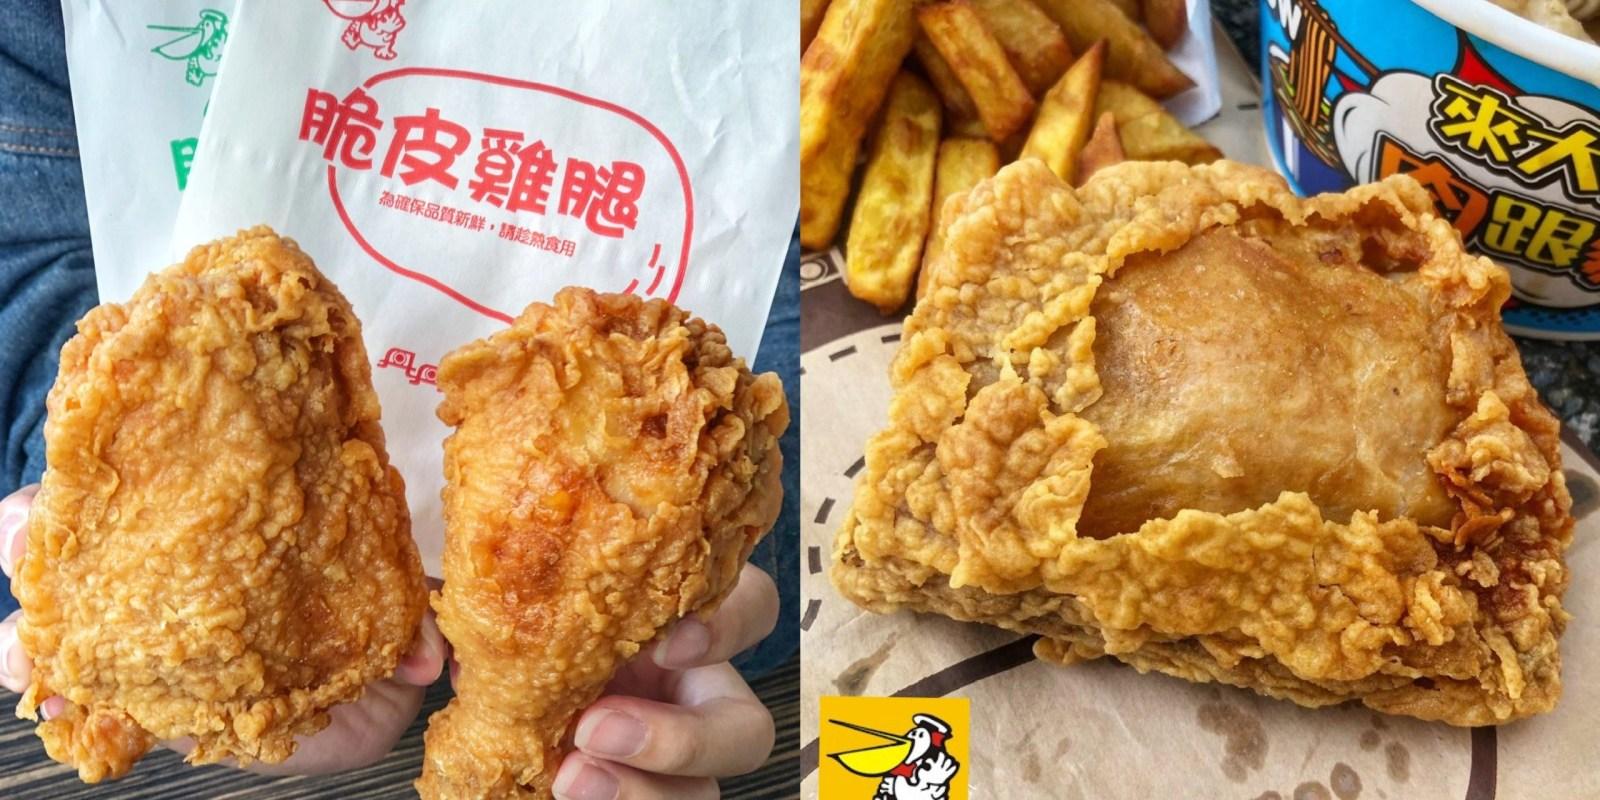 【丹丹漢堡】新推出「振興三倍券送波浪薯」免費請你吃|內文附2021新菜單及優惠